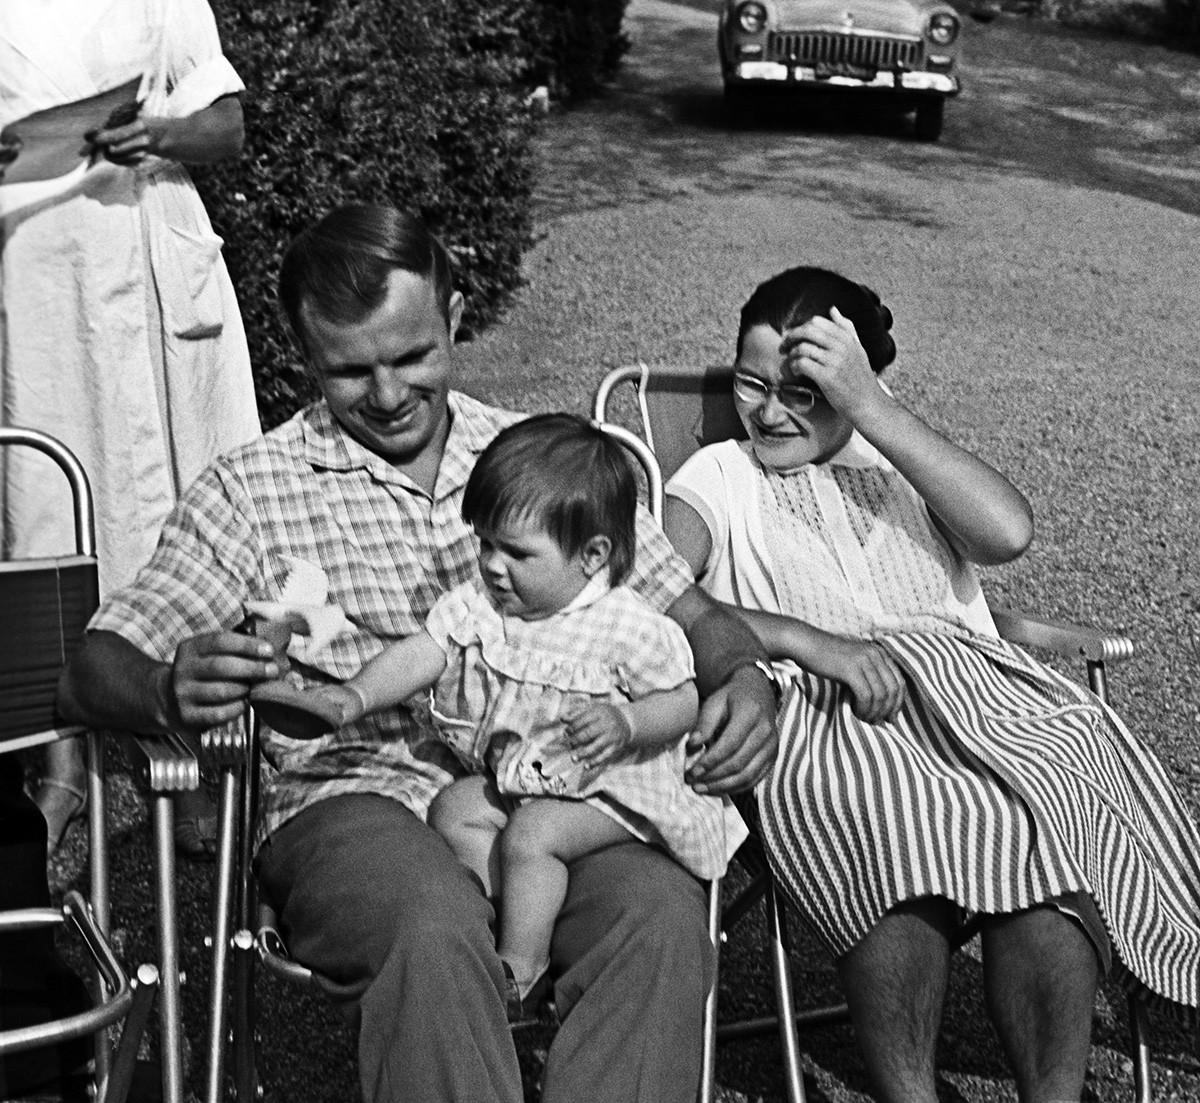 Јуриј Гагарин са женом Валентином и ћерком Галином на Криму.